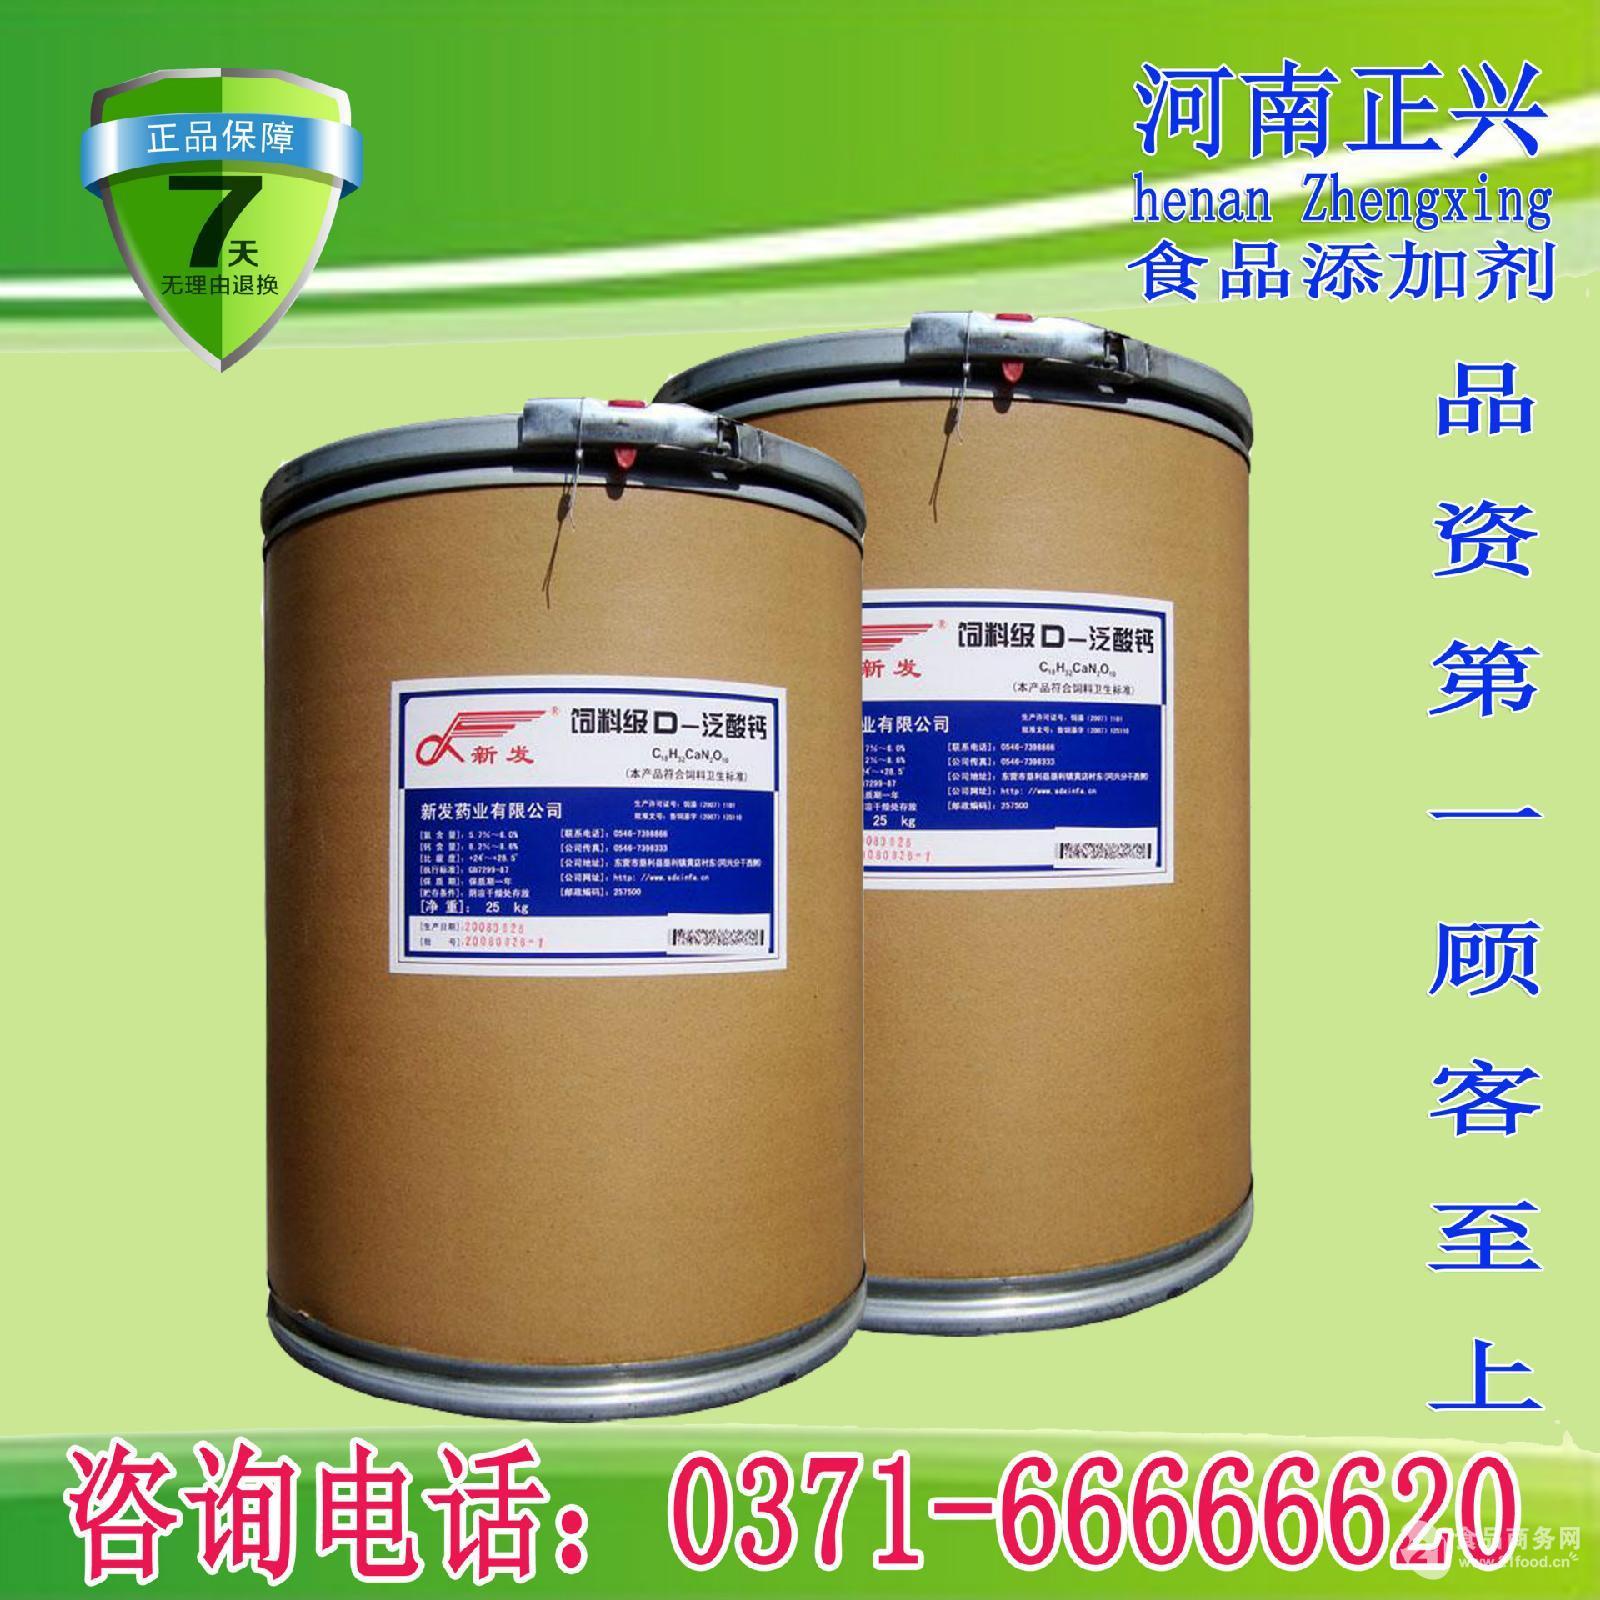 专业供应食品级、饲料级 维生素B5 泛酸钙